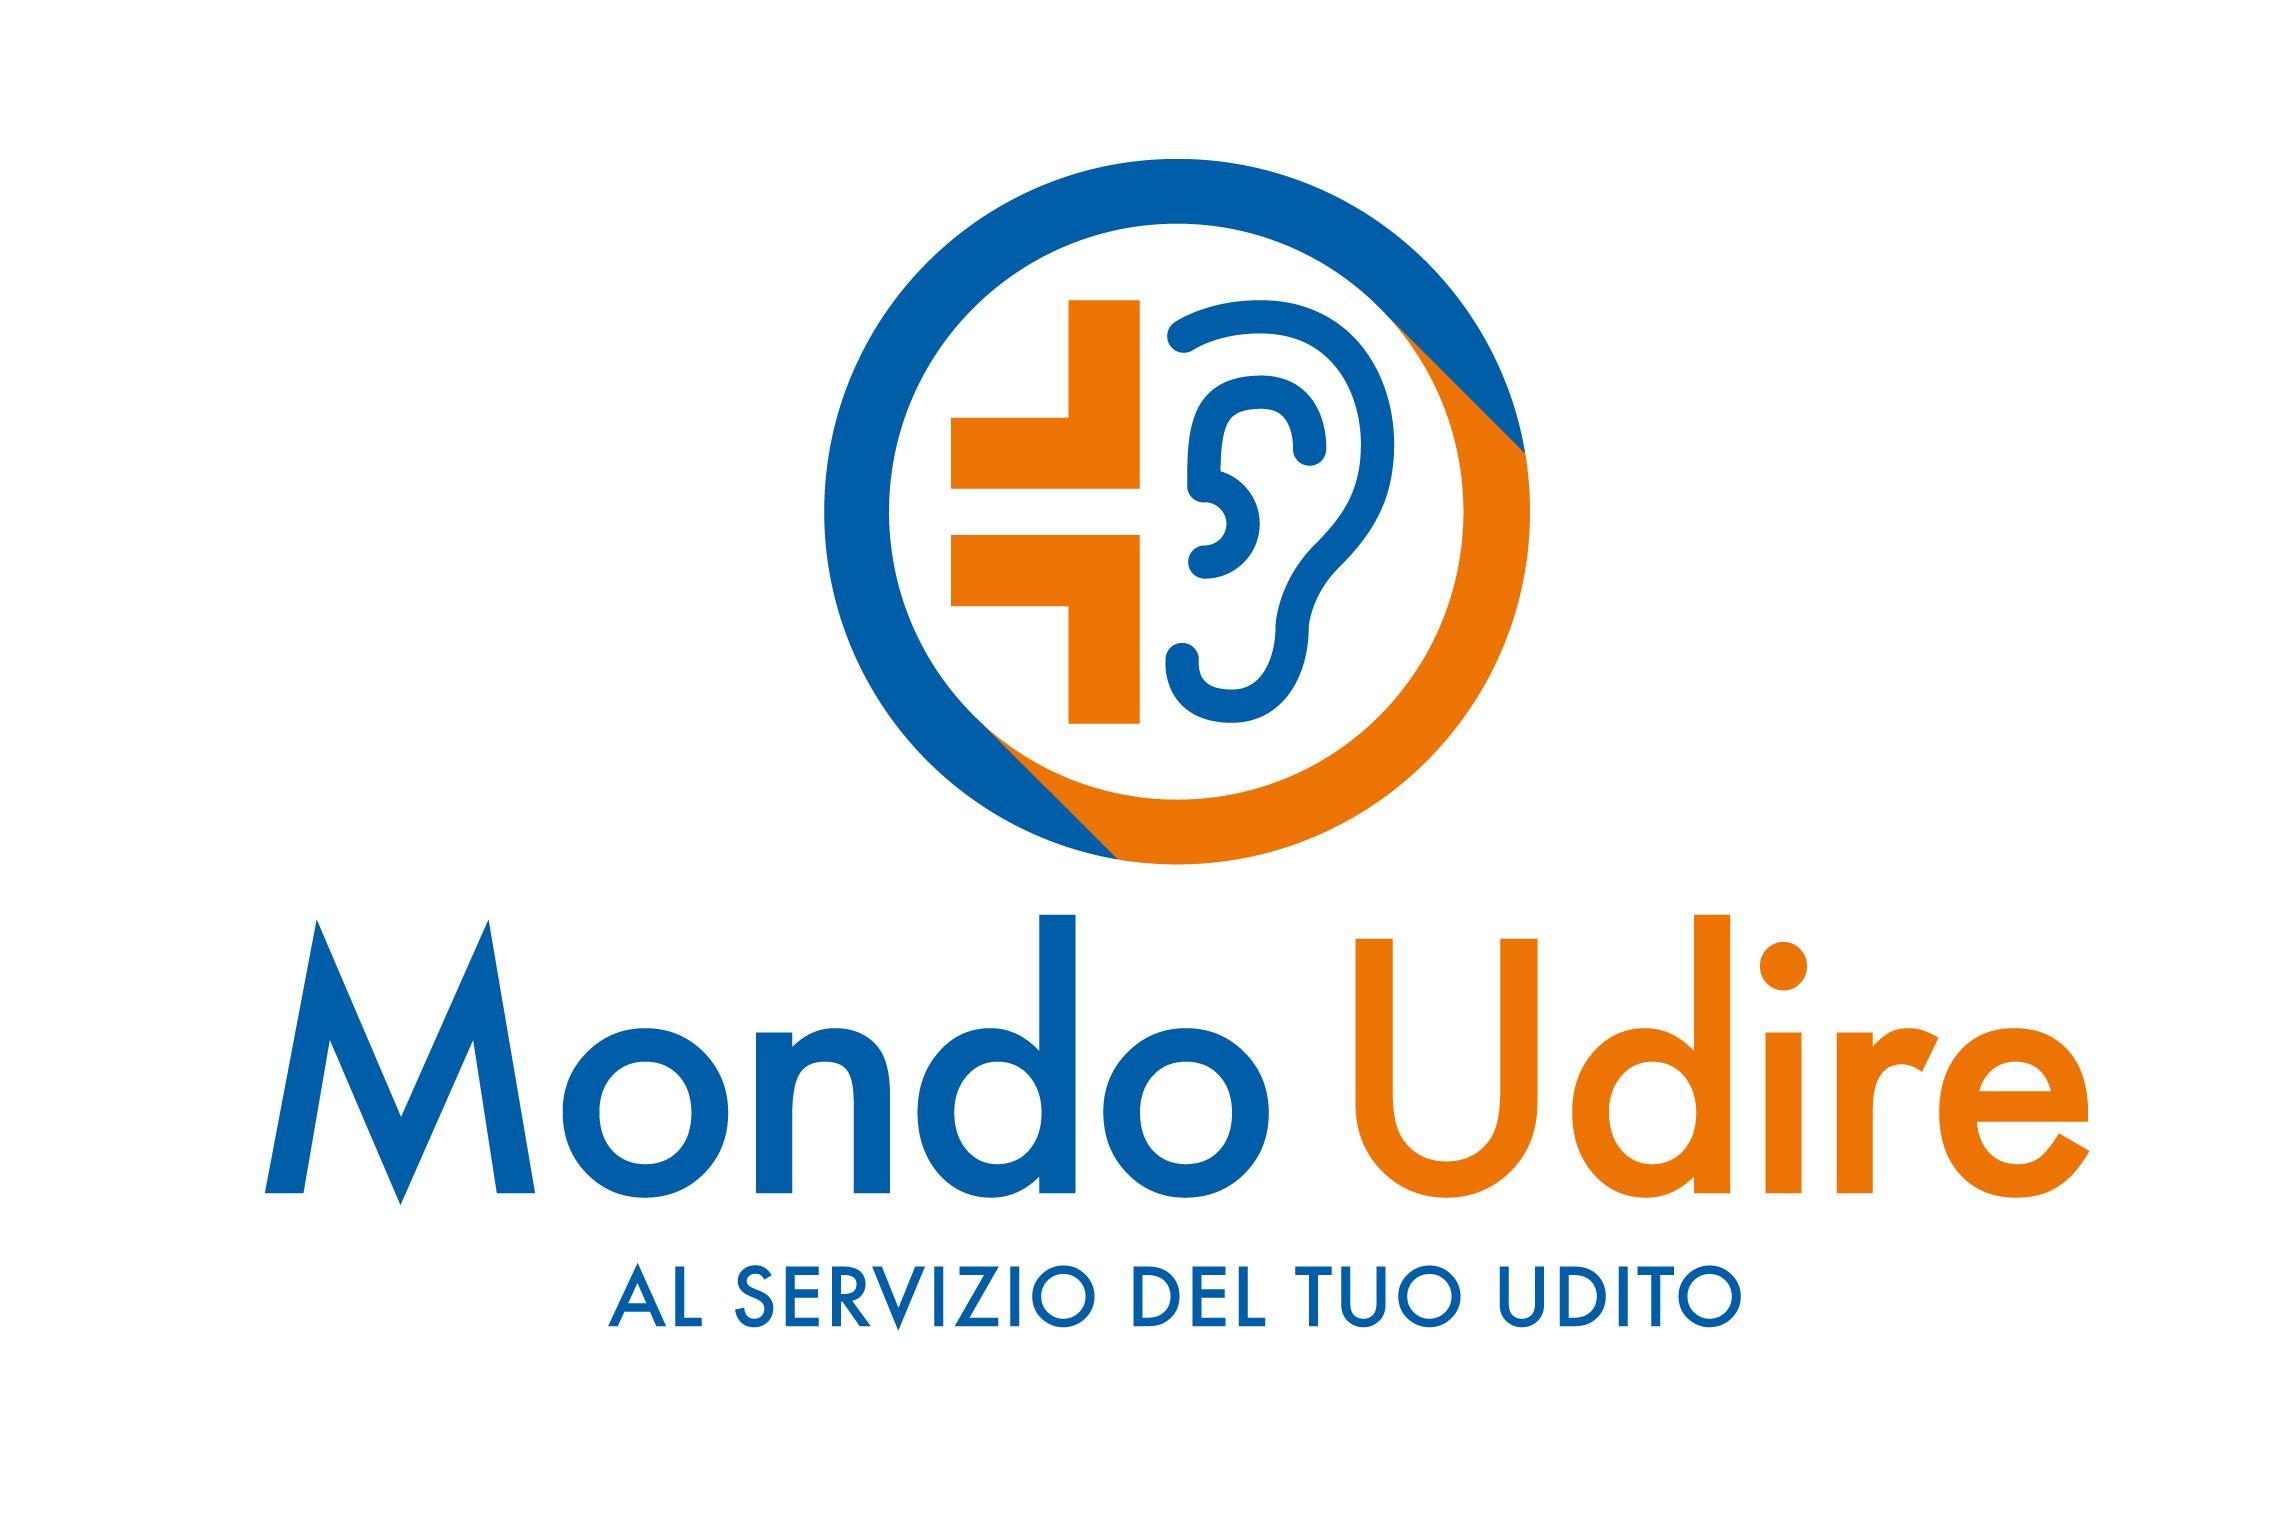 Mondo Udire Fra 8_10 LOGO OK_NO FONDO